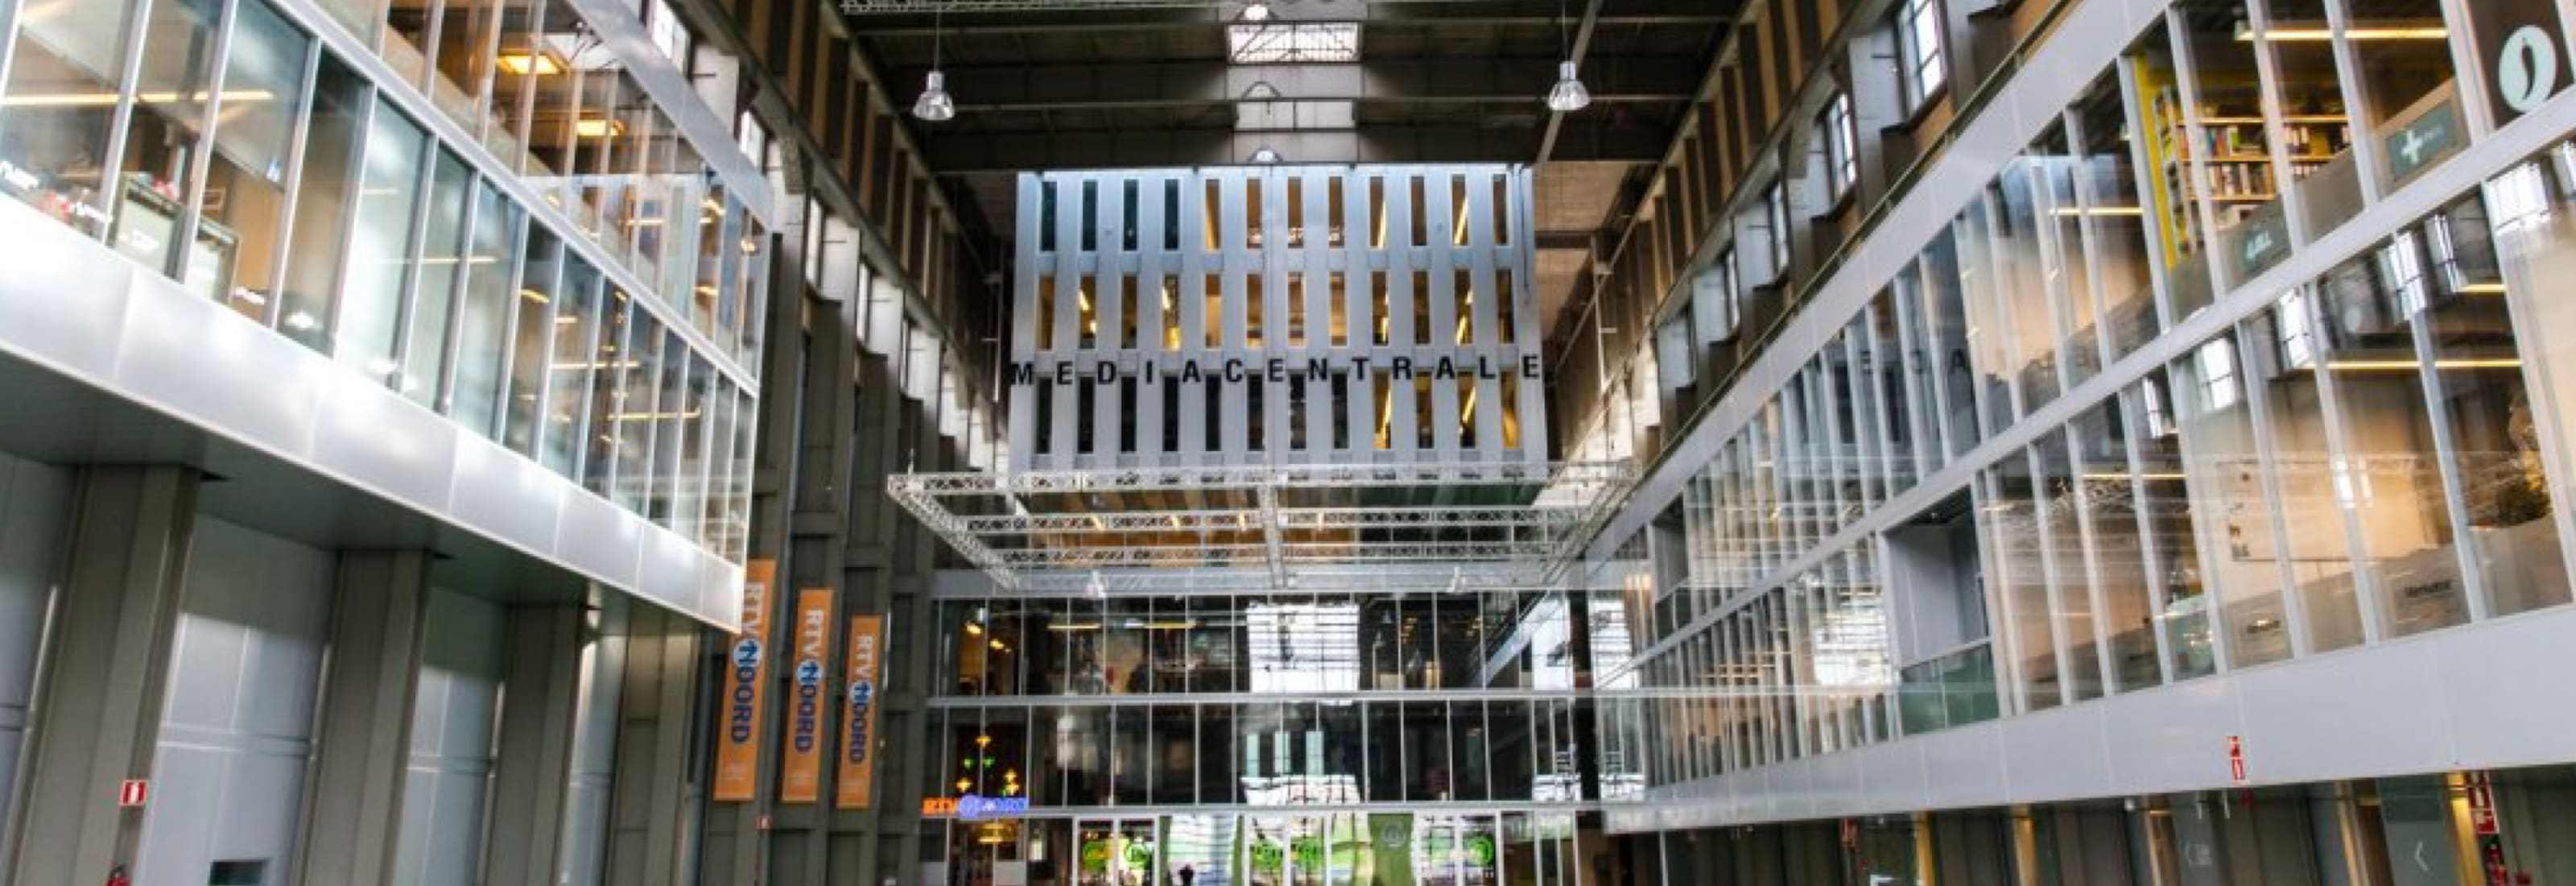 Noorderlicht Accountants & Adviseurs B.V. - Accountantskantoor in Groningen